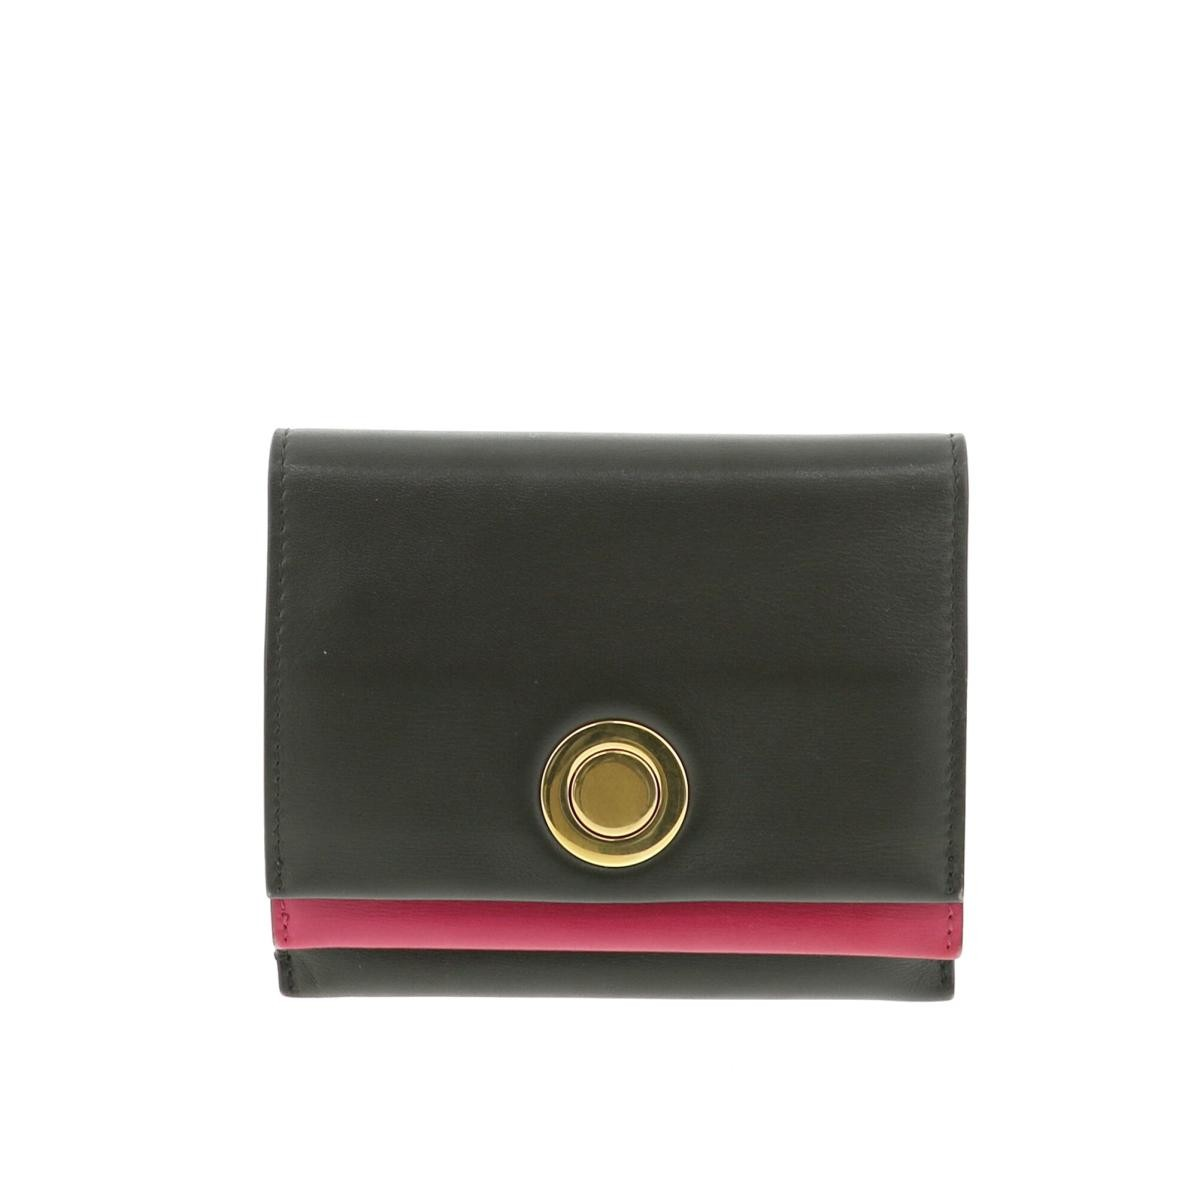 【中古】CELINE セリーヌ 二つ折り財布 財布 二つ折り財布(小銭入有)  カードケース コインケース Khaki/カーキ ピンク  used:B